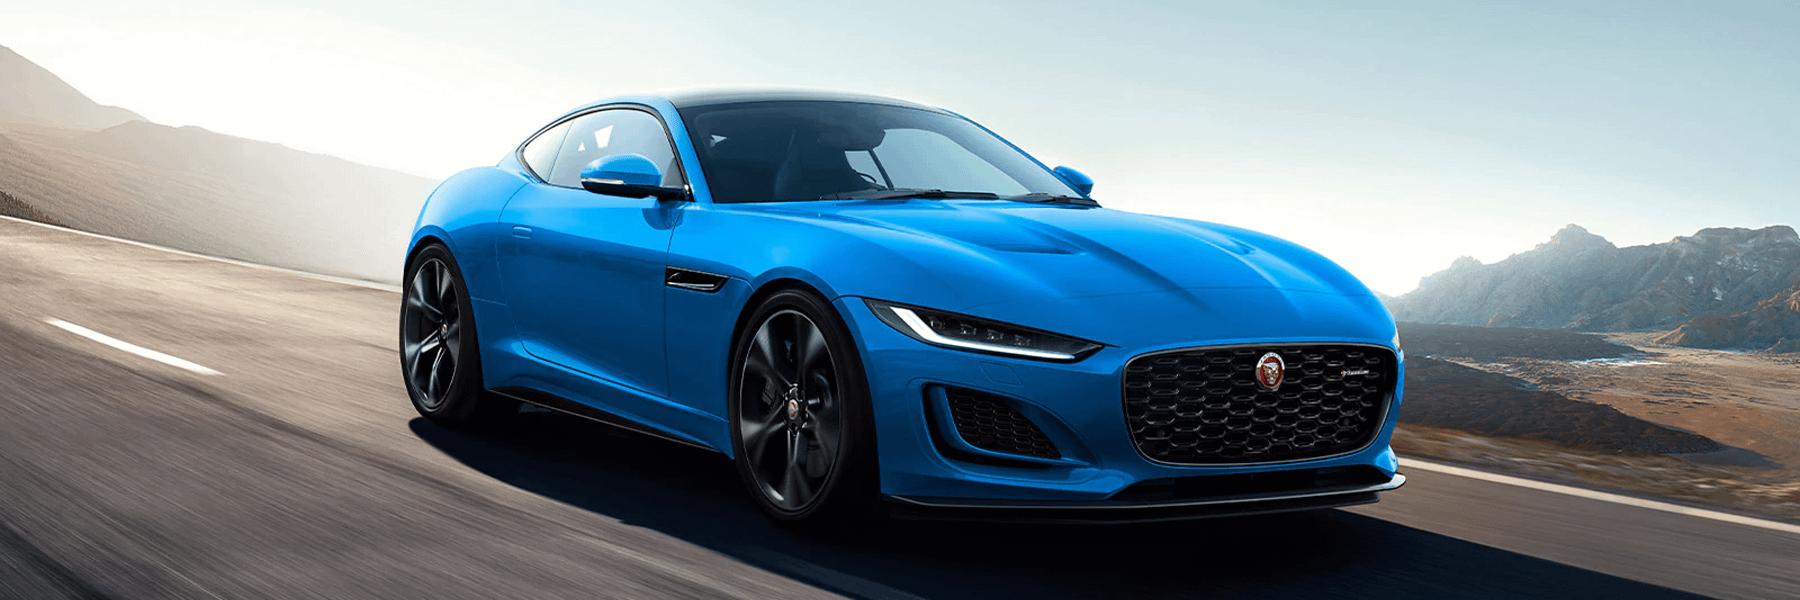 Reims Edition Jaguar F-TYPE